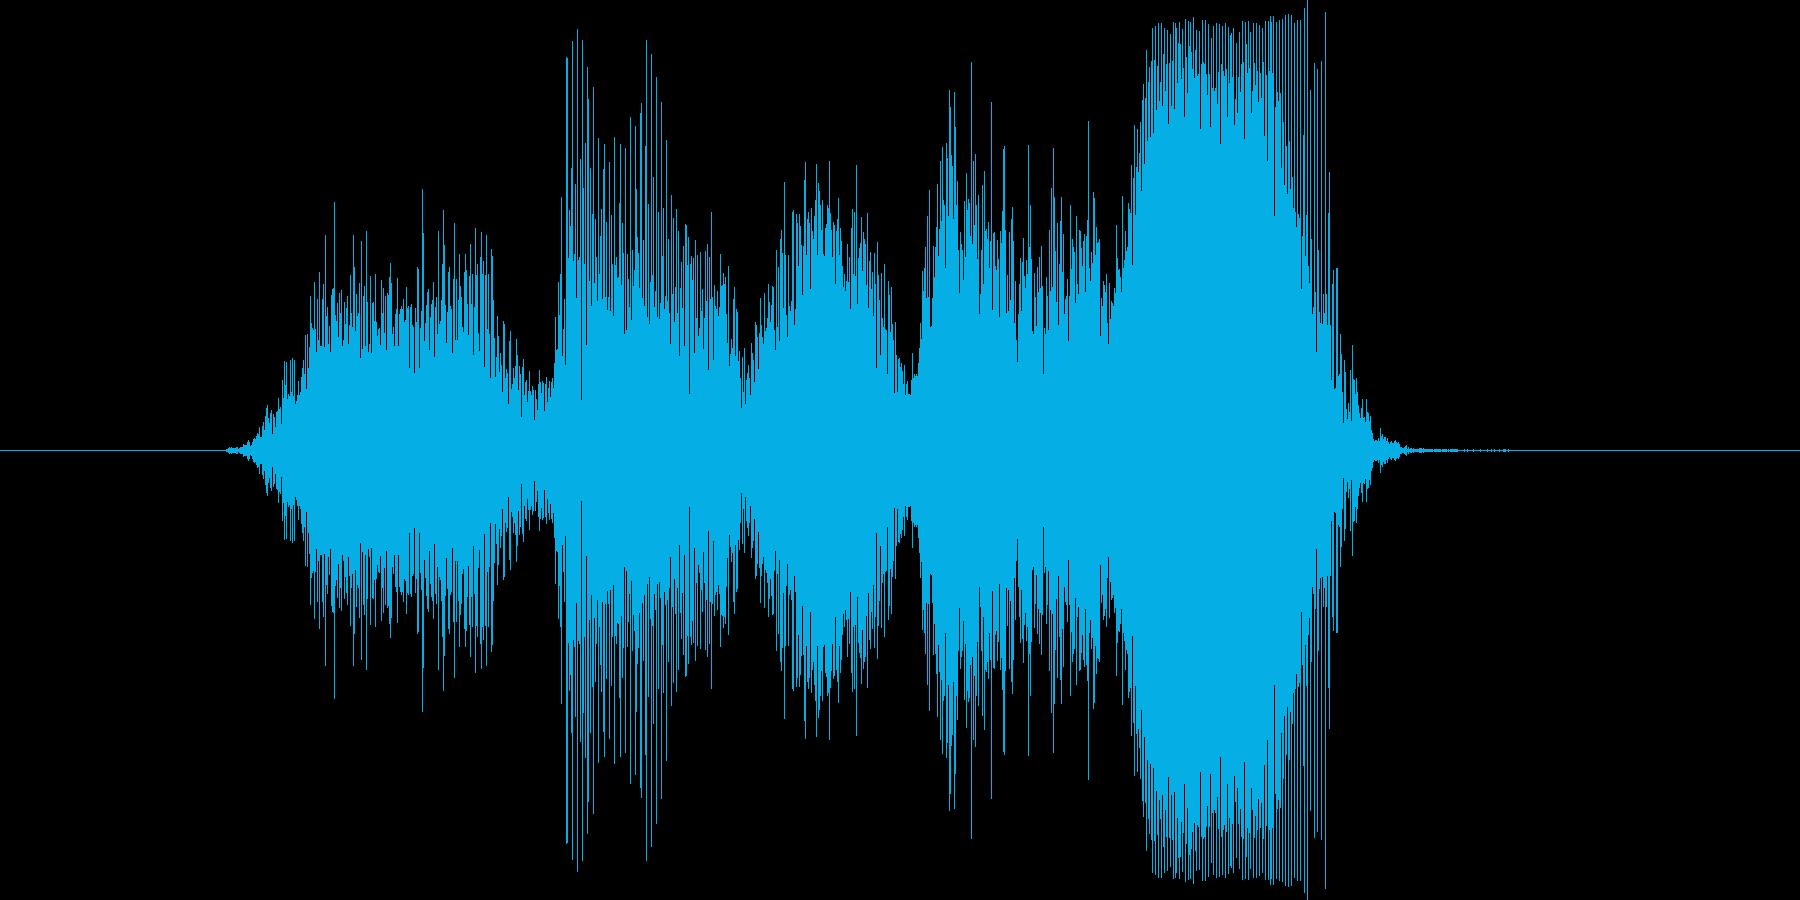 「素晴らしい」の再生済みの波形